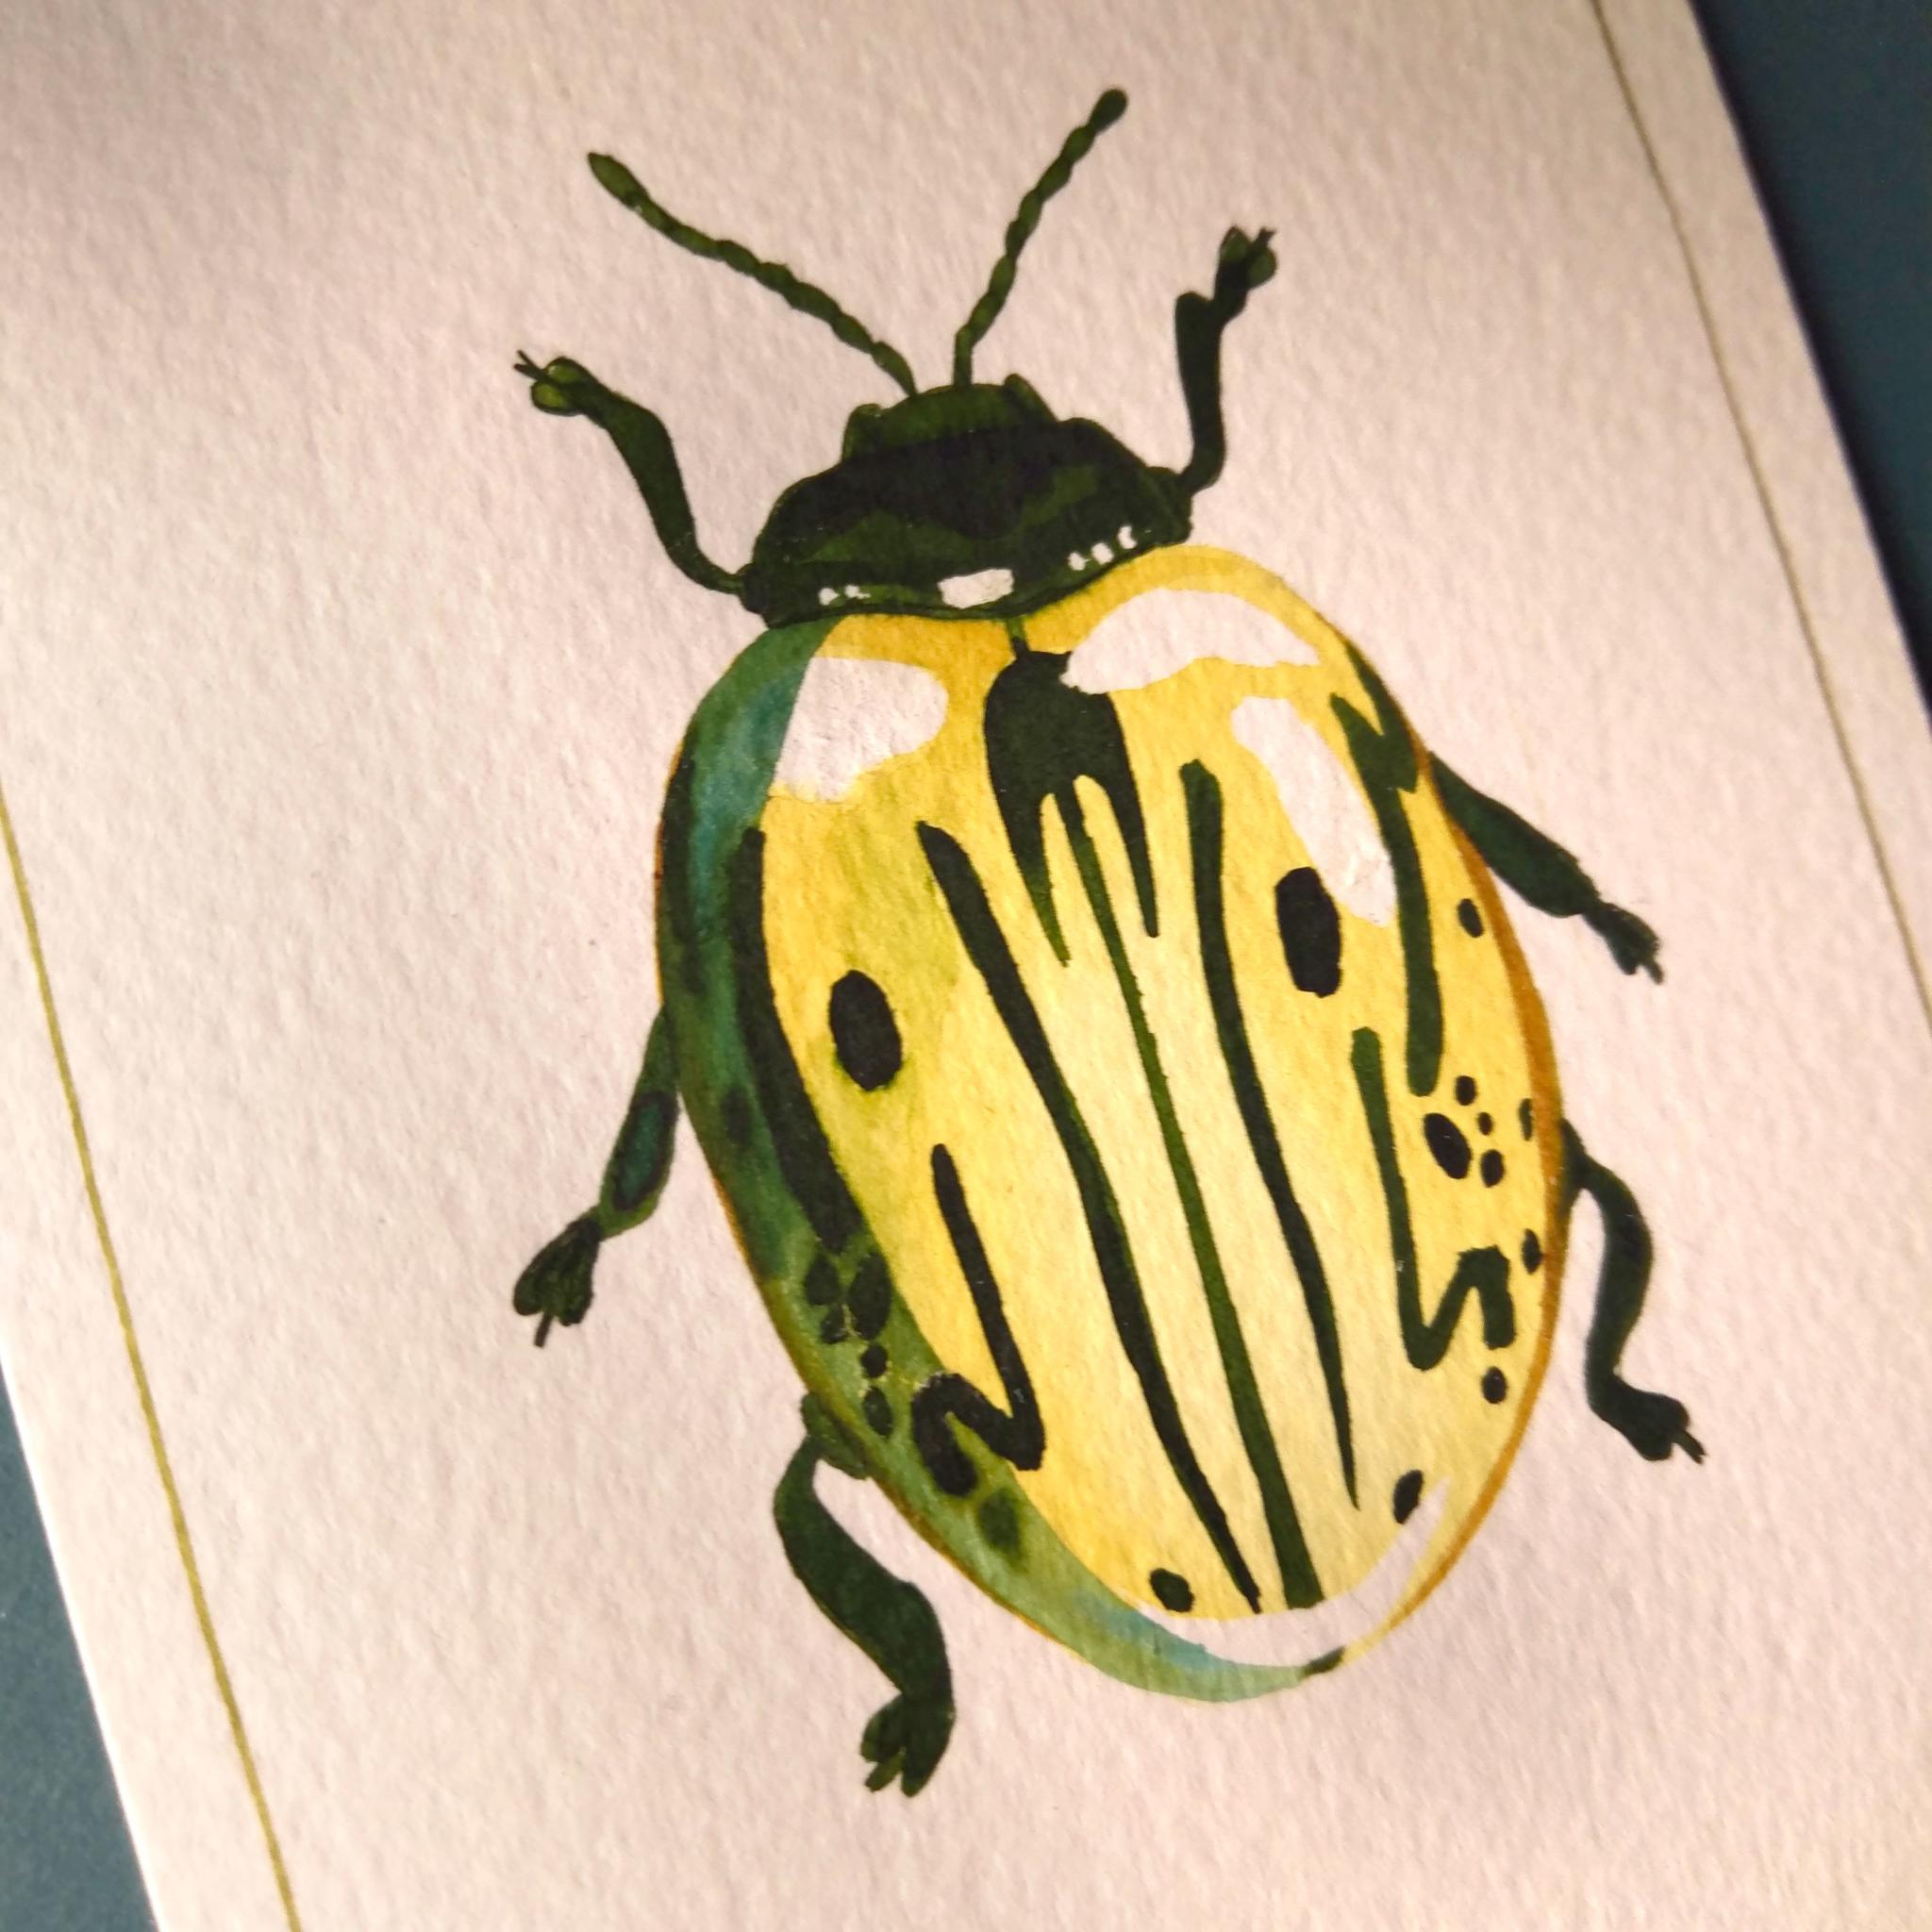 Série insectes - Calligrapha - Oeuvre unique - dessin à l'encre en vente